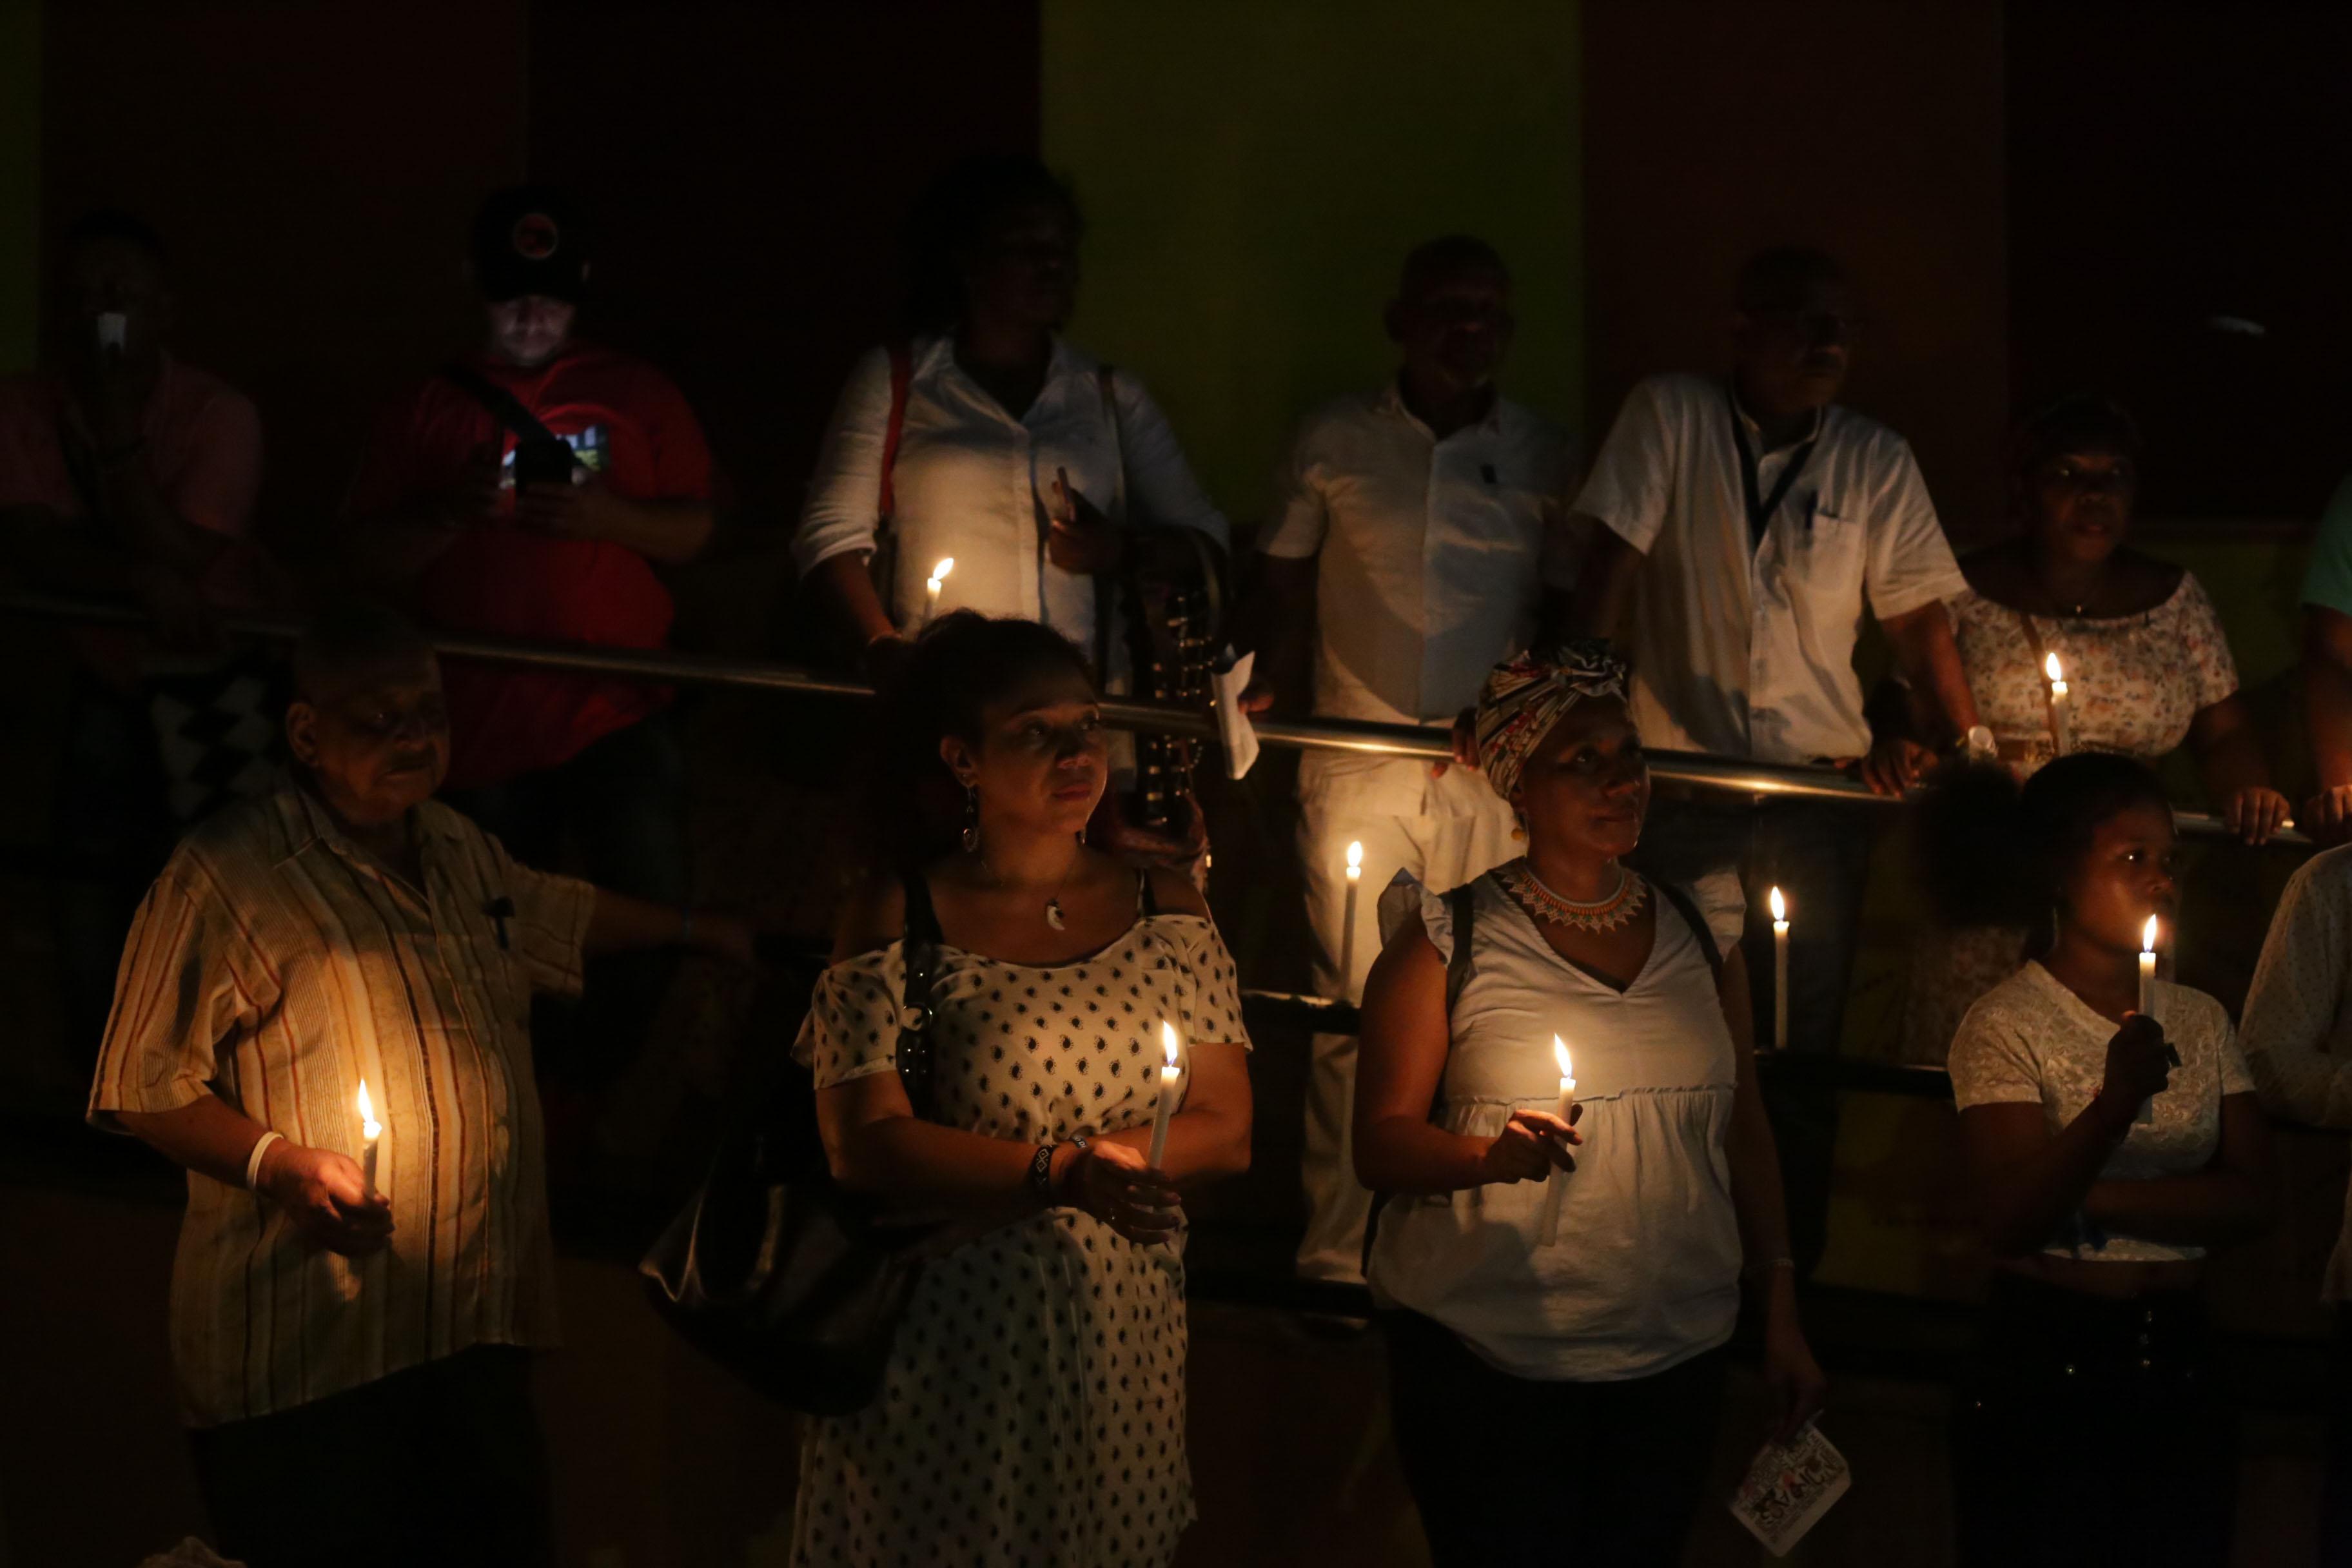 El paro más allá de Bogotá: estas son algunas demandas desde Chocó